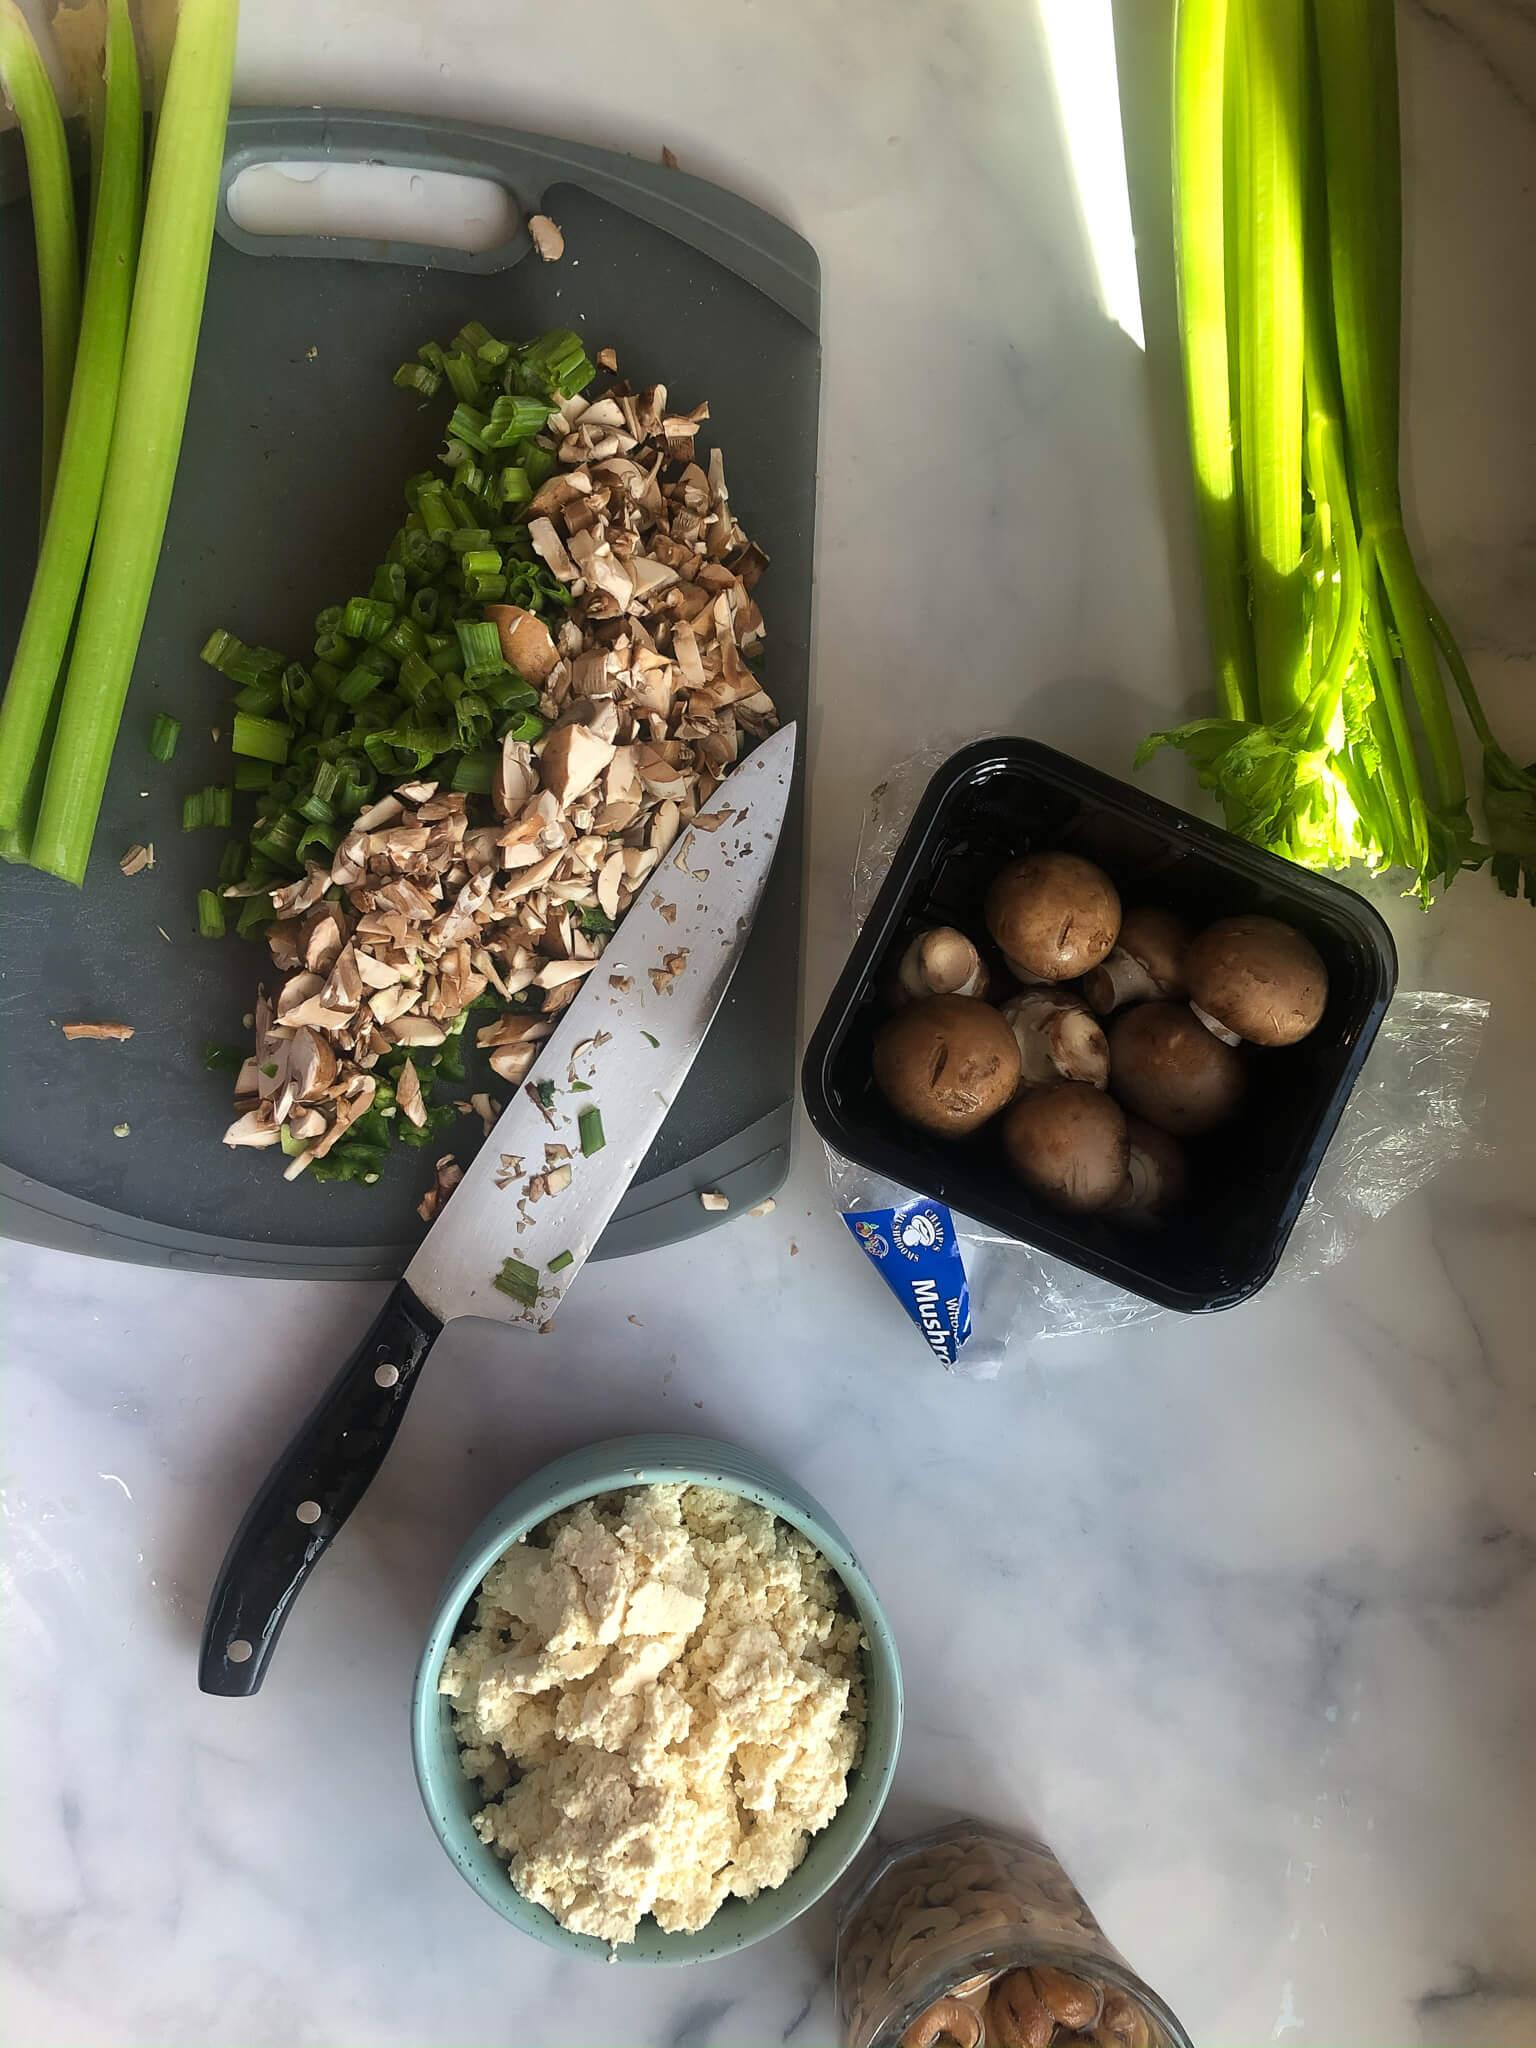 Mixed Veggies On Cutting Board